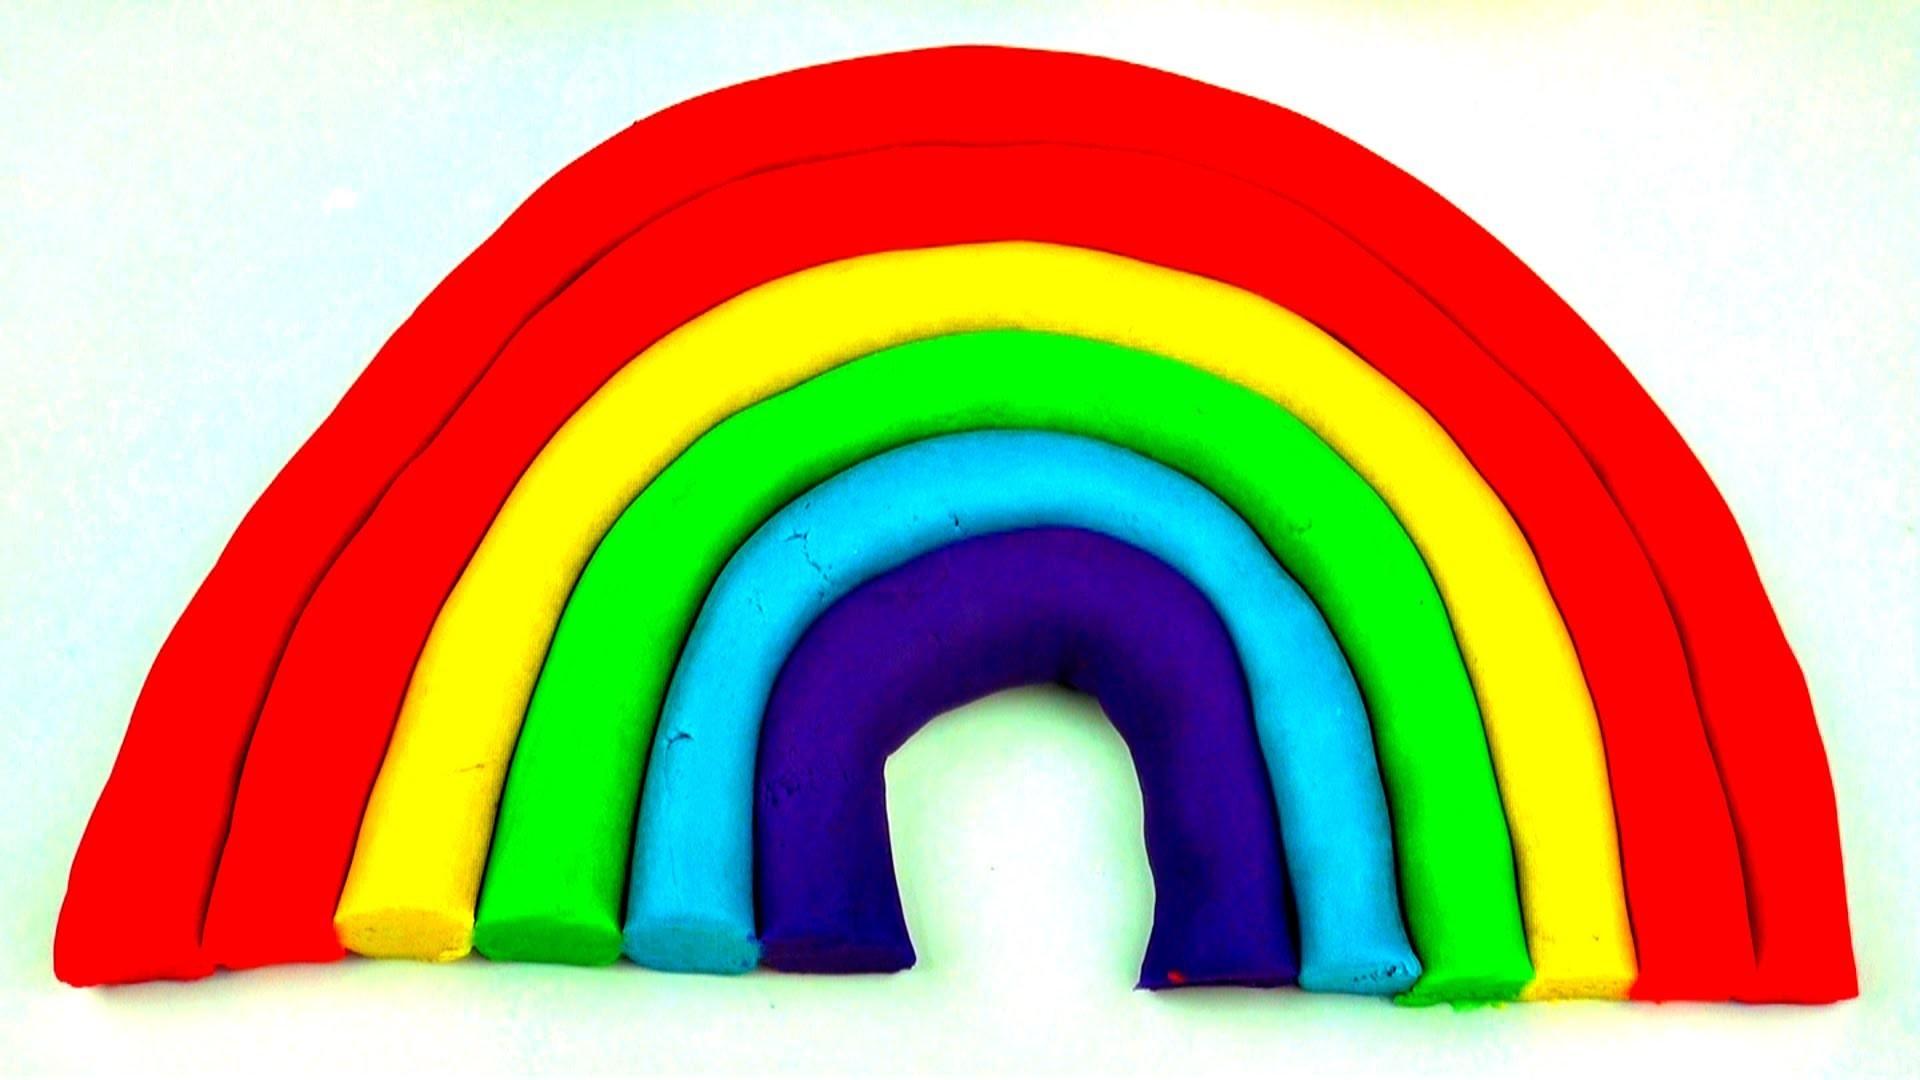 Play-Doh Easy Rainbow - Learn how-to Make Playdough Rainbow Colors Easy DIY Fun Ideas FluffyJet